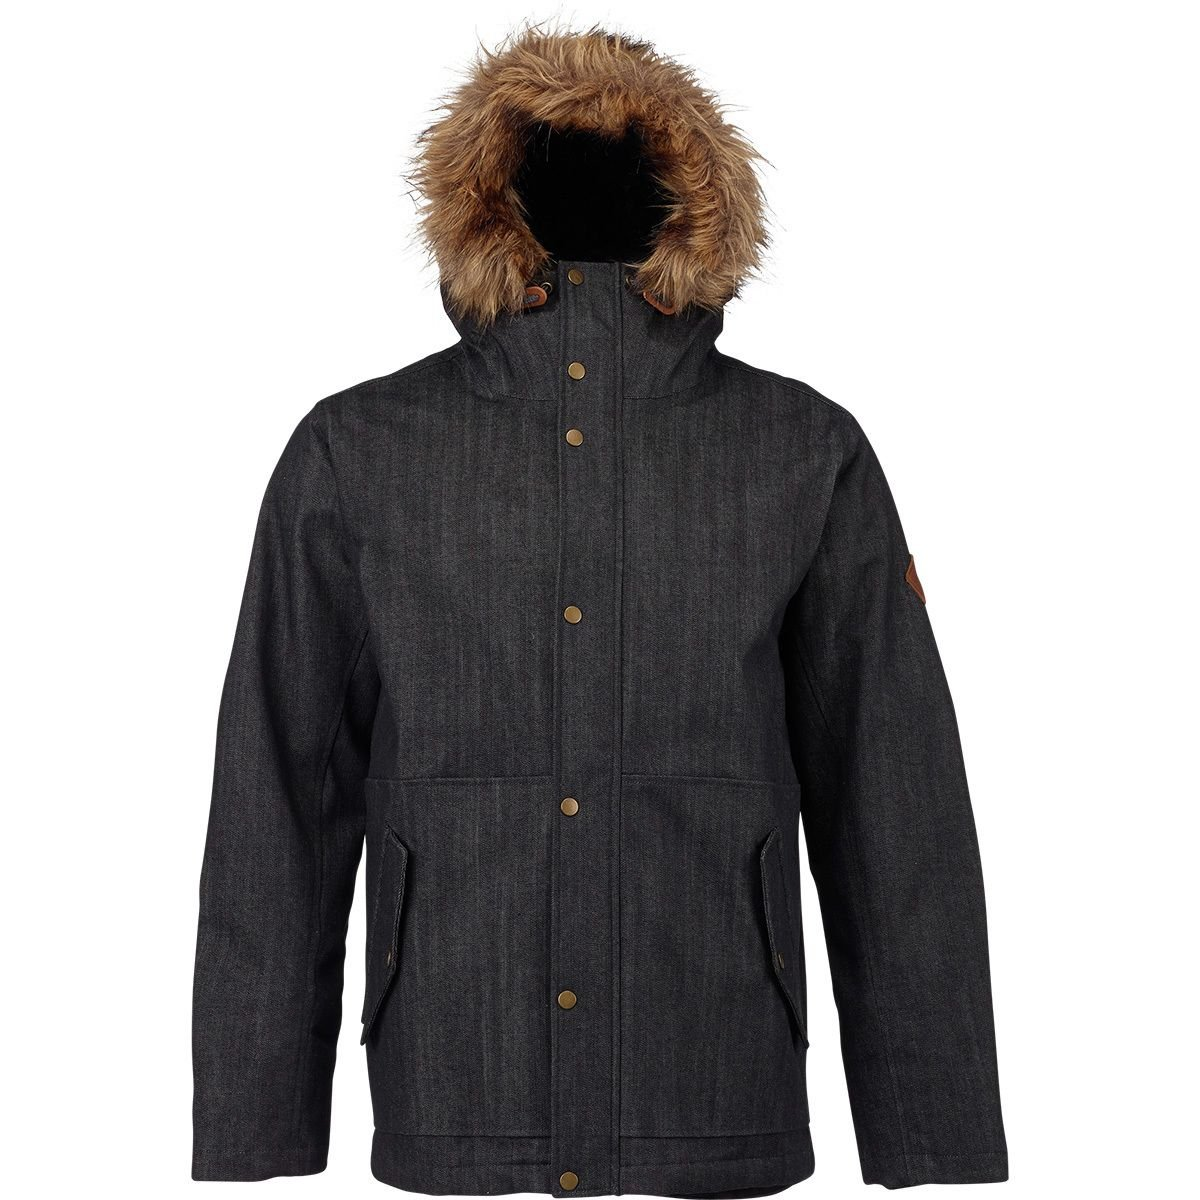 (バートン) Burton Lamotte Jacket メンズ ジャケットBlack Denim [並行輸入品] B079M68W9B 日本サイズ M (US S)|Black Denim Black Denim 日本サイズ M (US S)